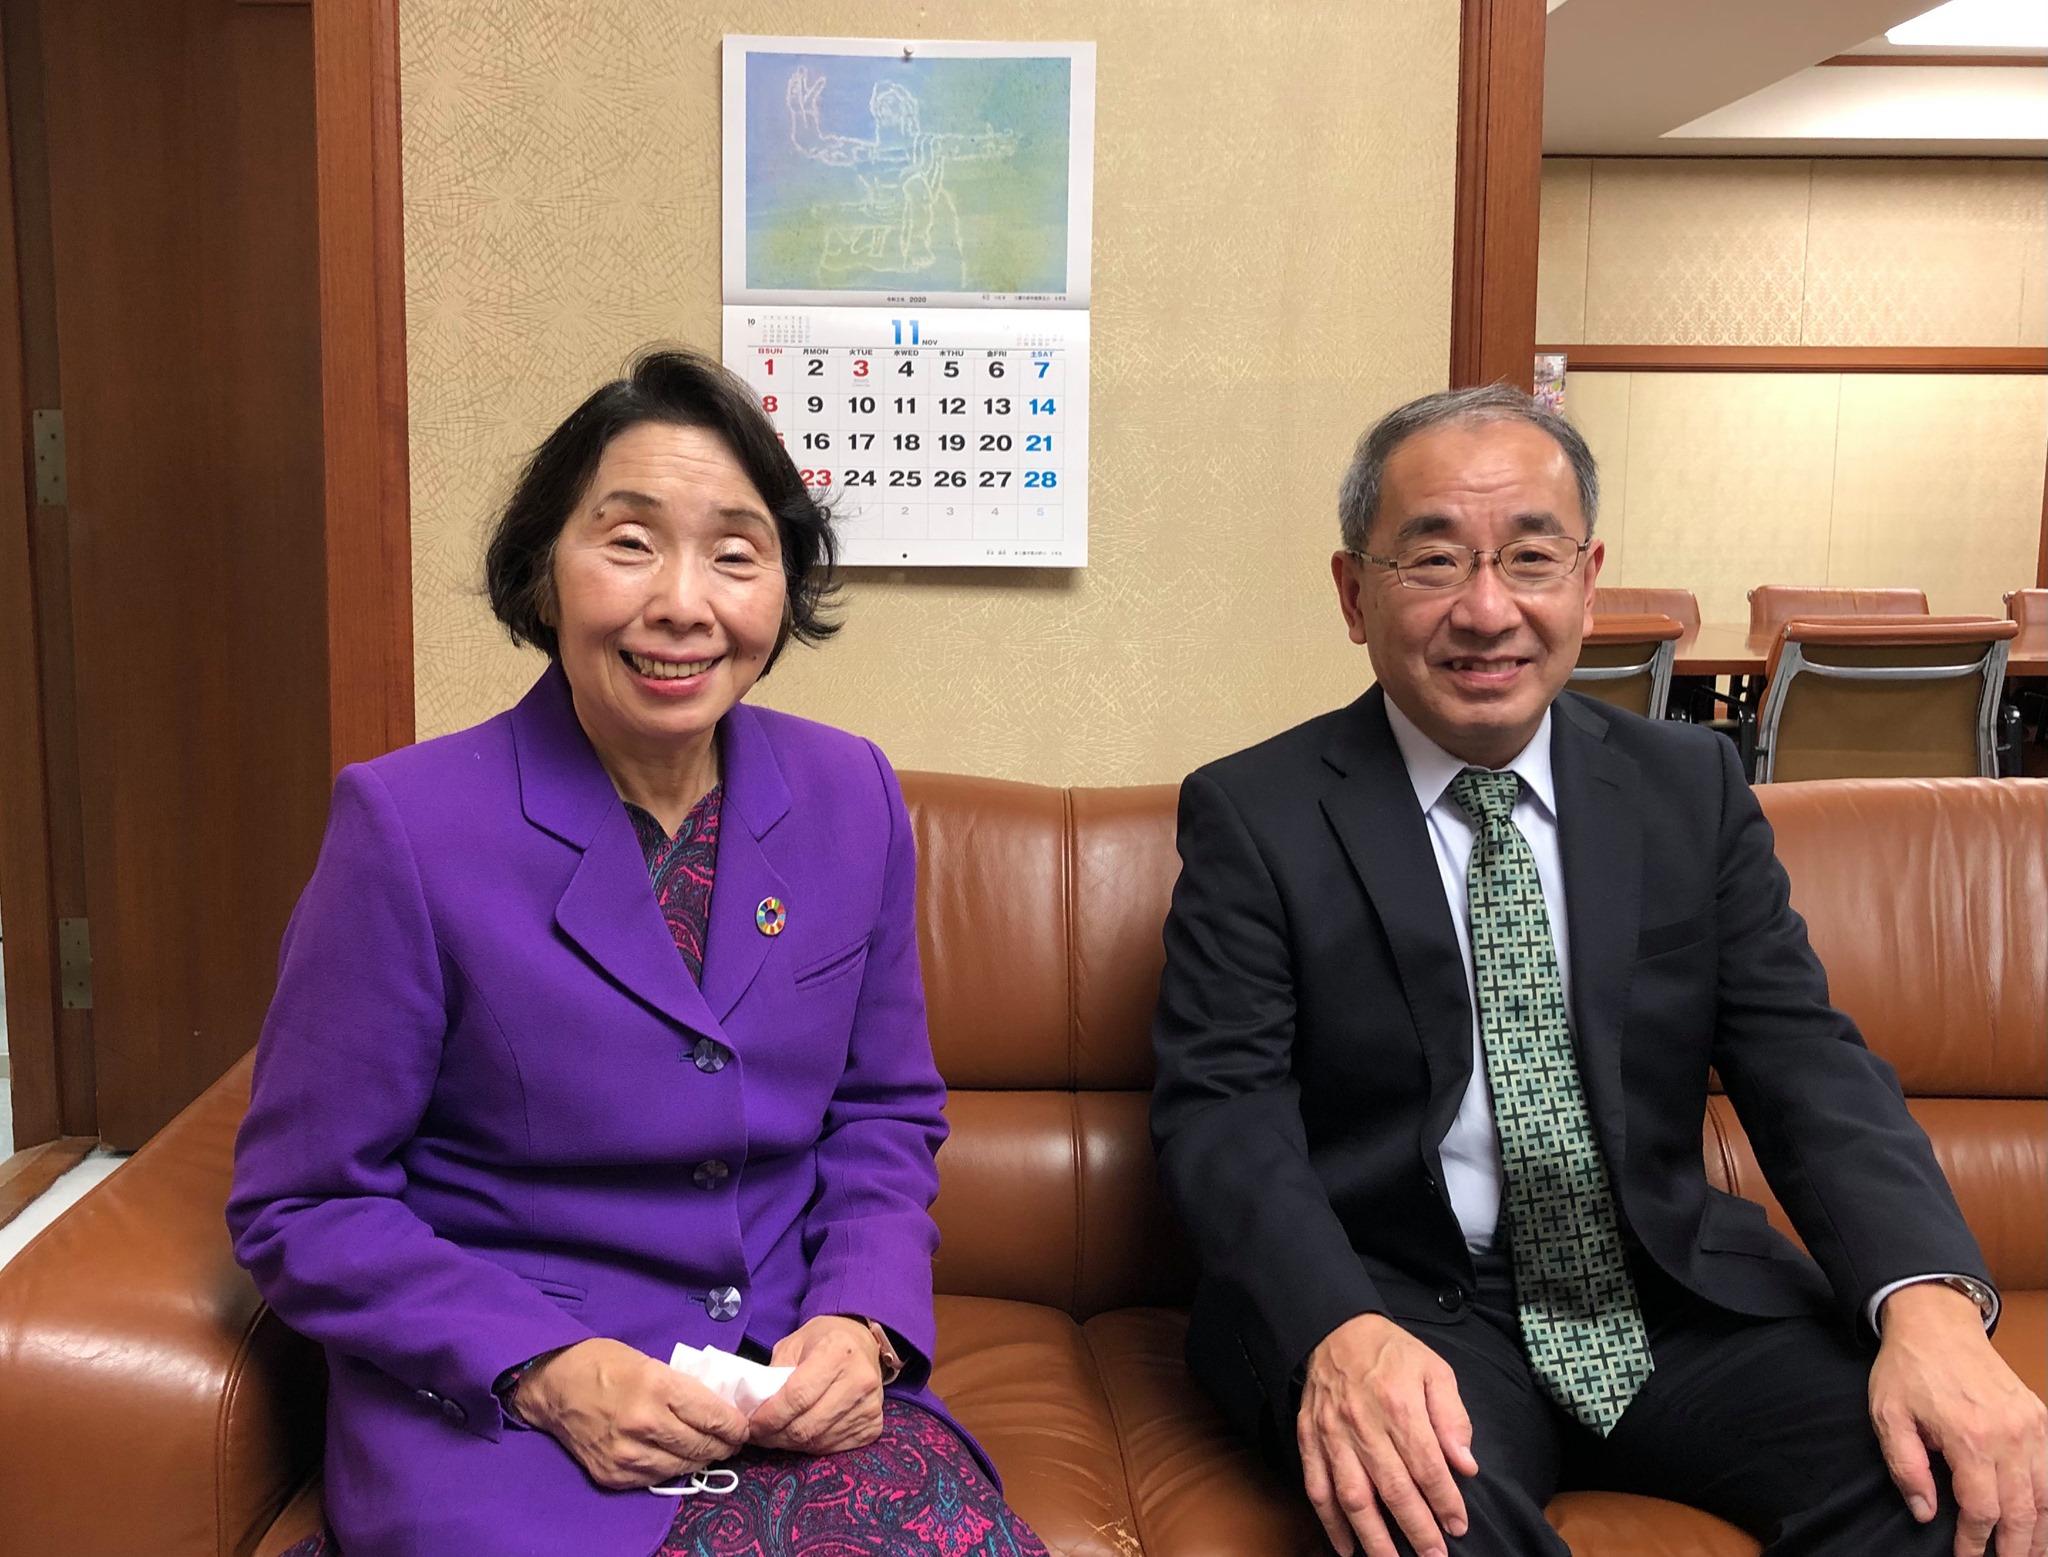 全国市長会事務総長の稲山博司さんと対話しました。